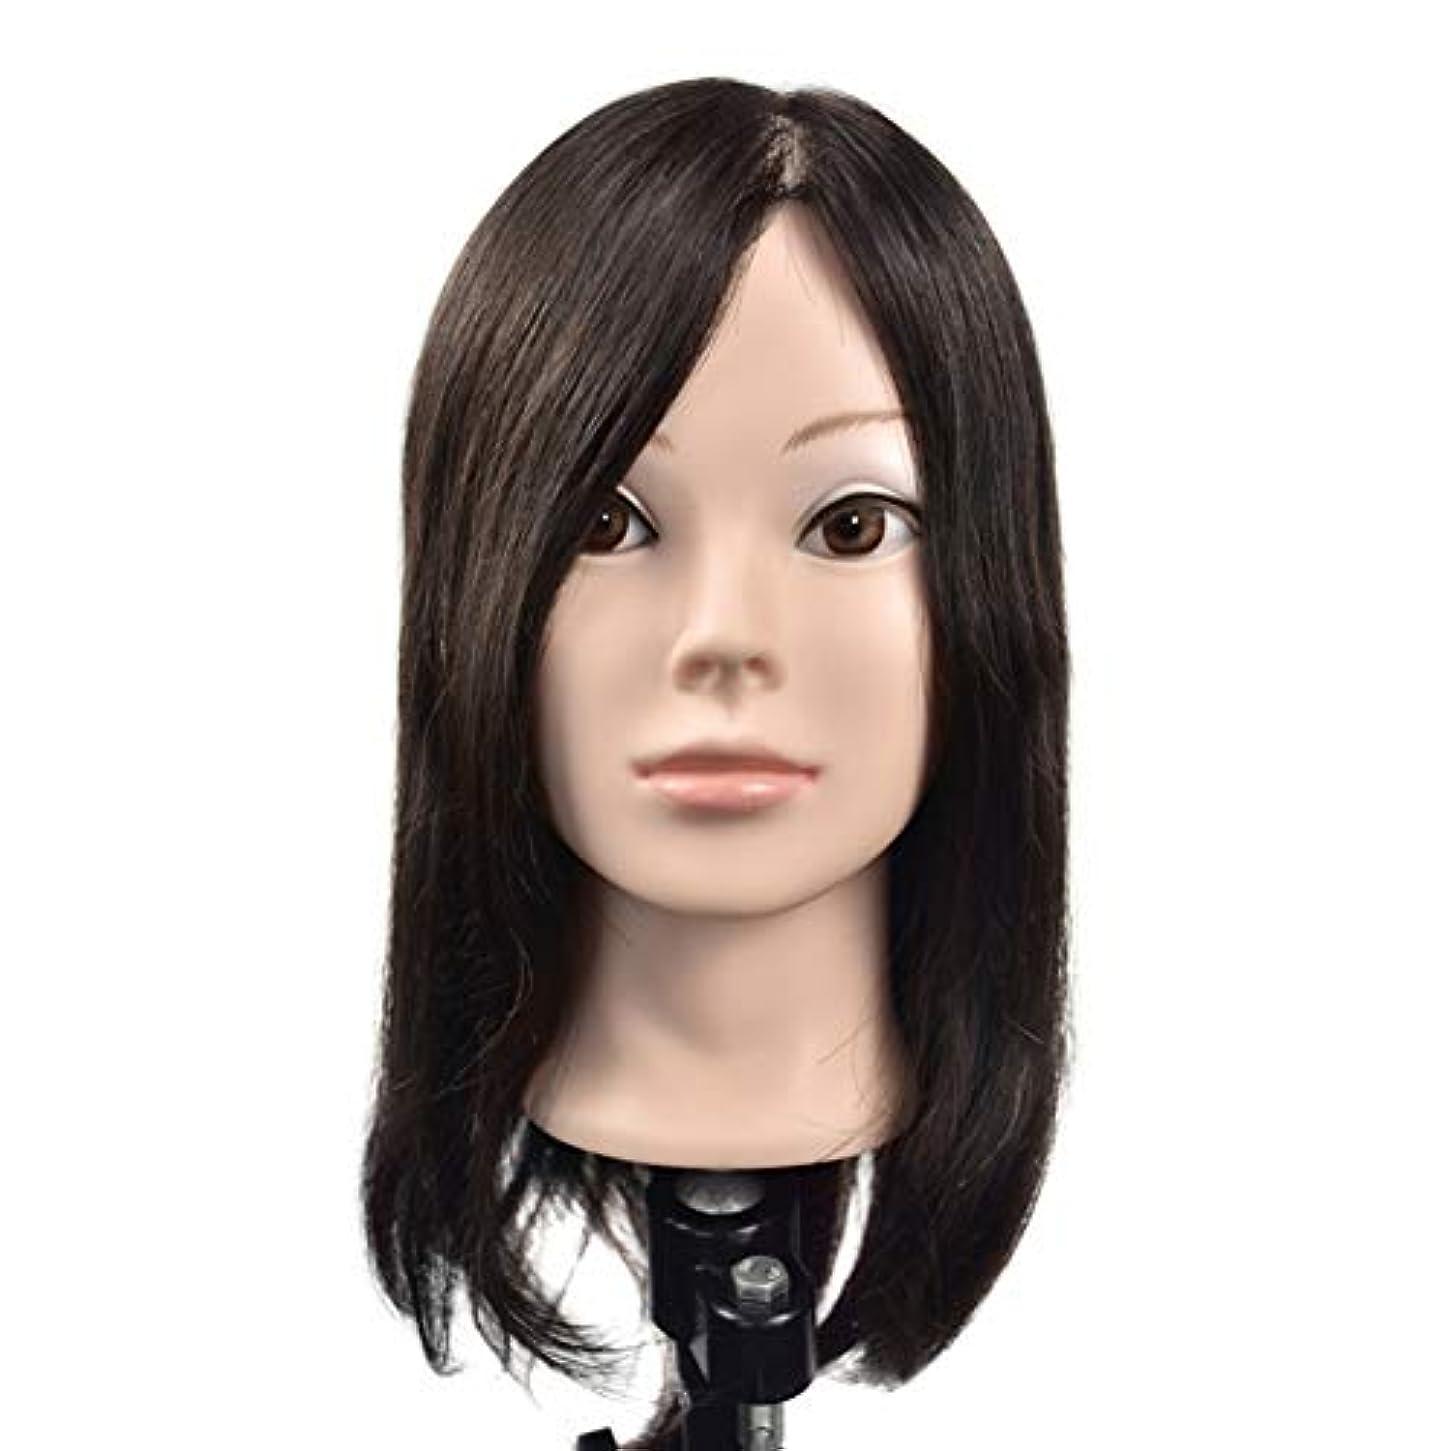 予言する蚊床を掃除するリアルヘアースタイリングモデルヘッド女性モデル頭ティーチングヘッド理髪店編組髪染め学習ダミーヘッド